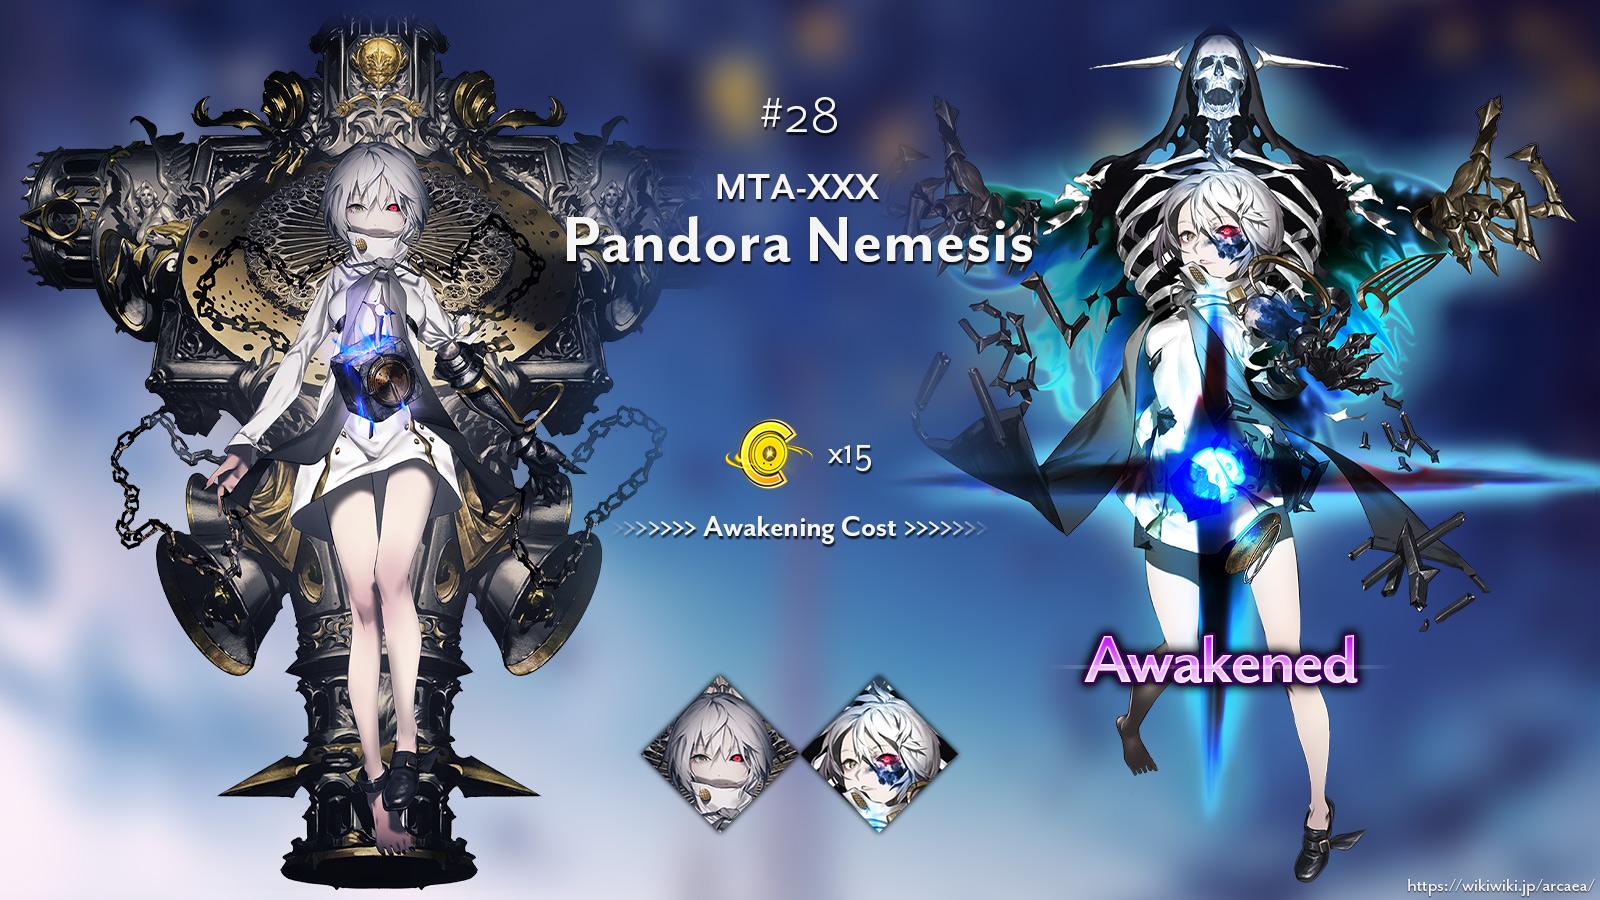 MTA-XXX Pandora Nemesis